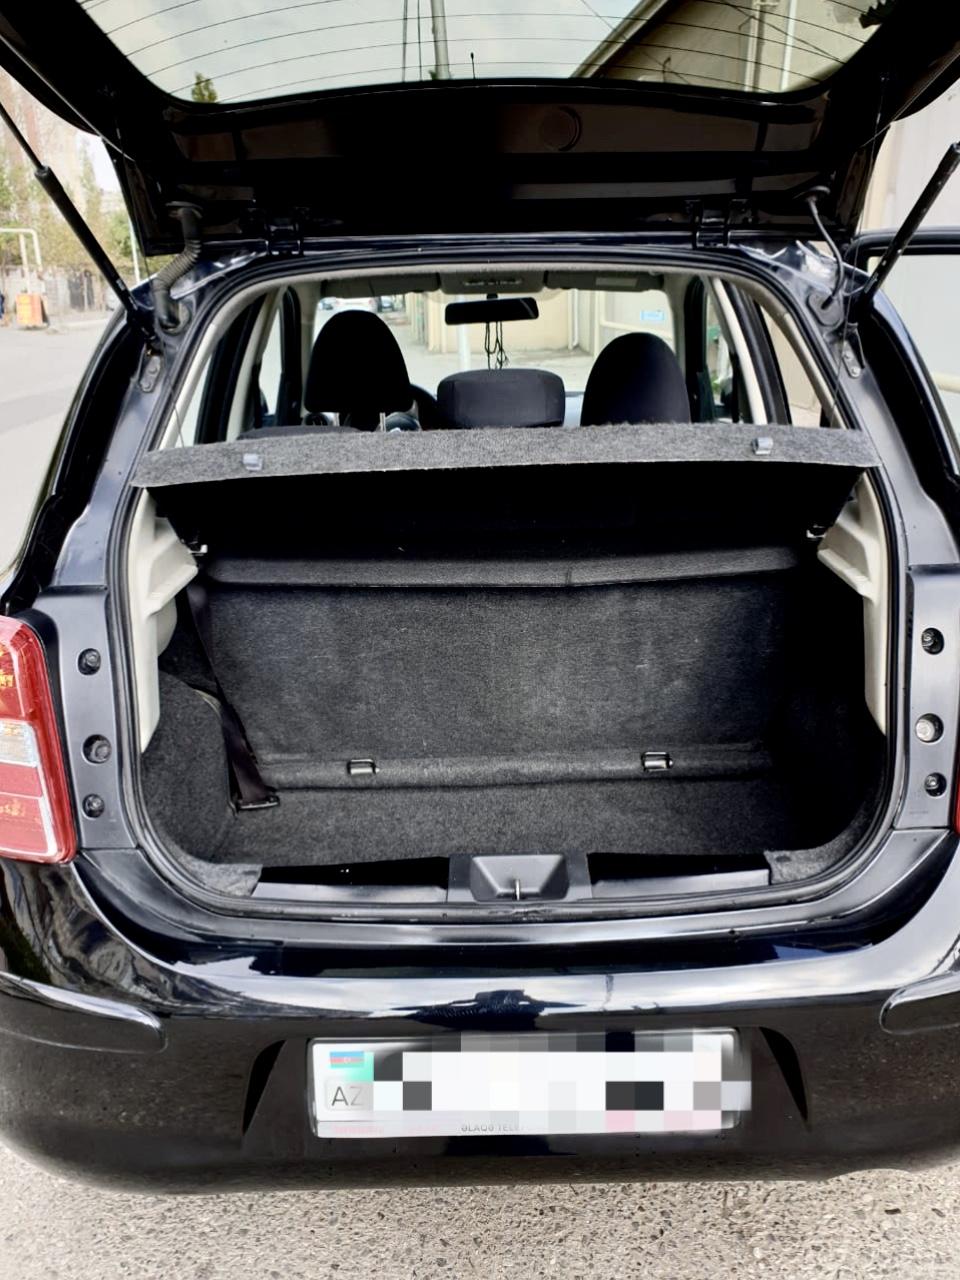 Nissan Micra 1.2(lt) 2011 Подержанный  $6600